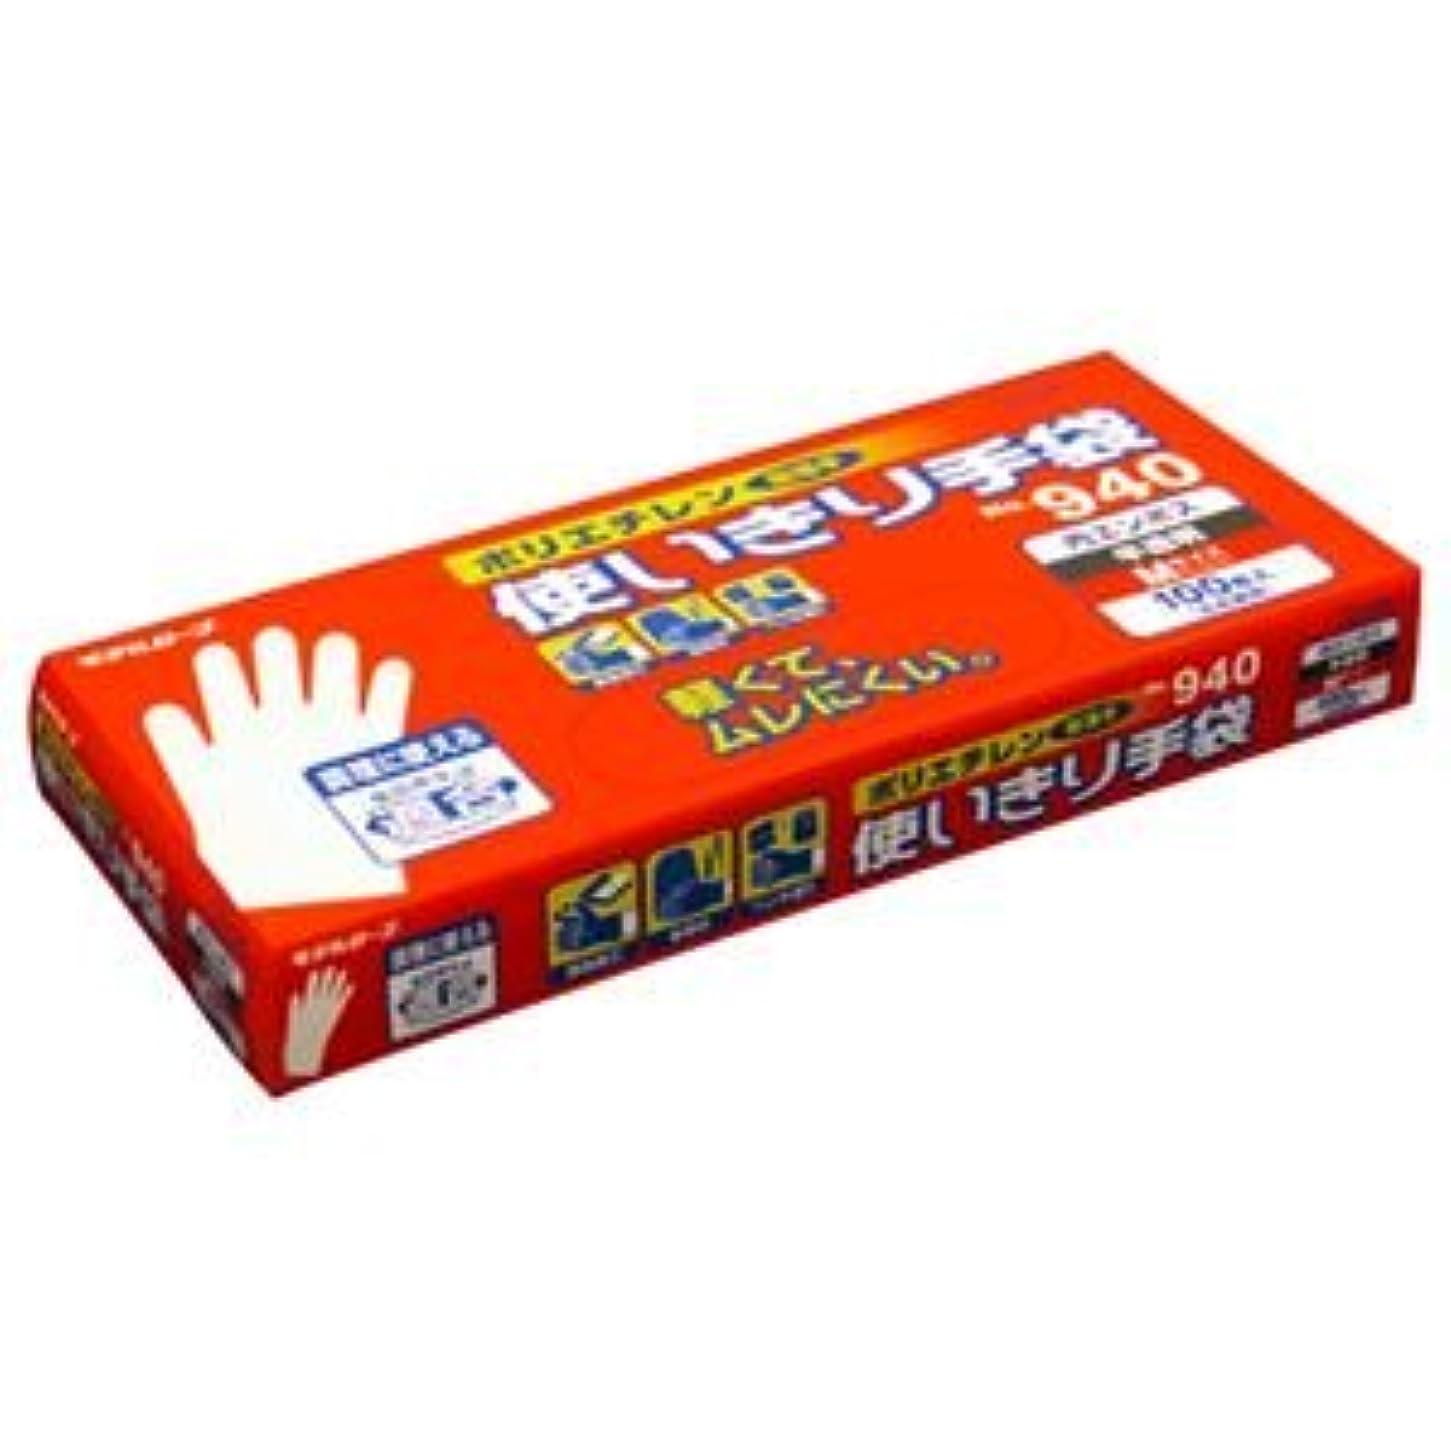 保存不信技術者(まとめ) エステー No.940 ポリエチレン使いきり手袋(内エンボス) M 1箱(100枚) 【×10セット】 ds-1580600